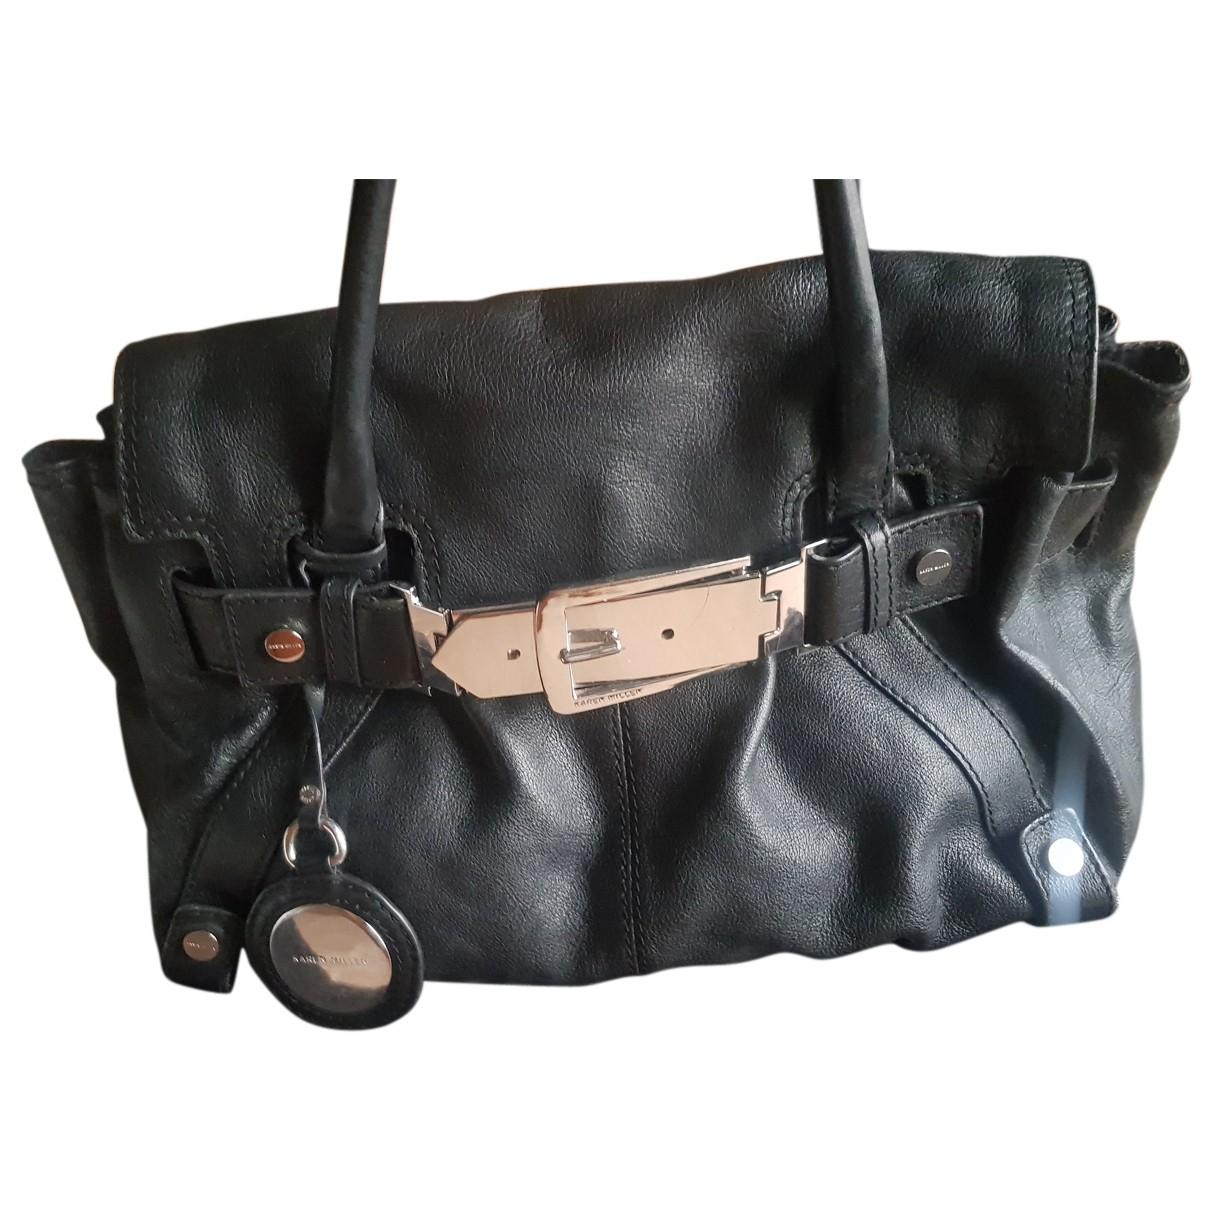 Karen Millen N Black Leather handbag for Women N